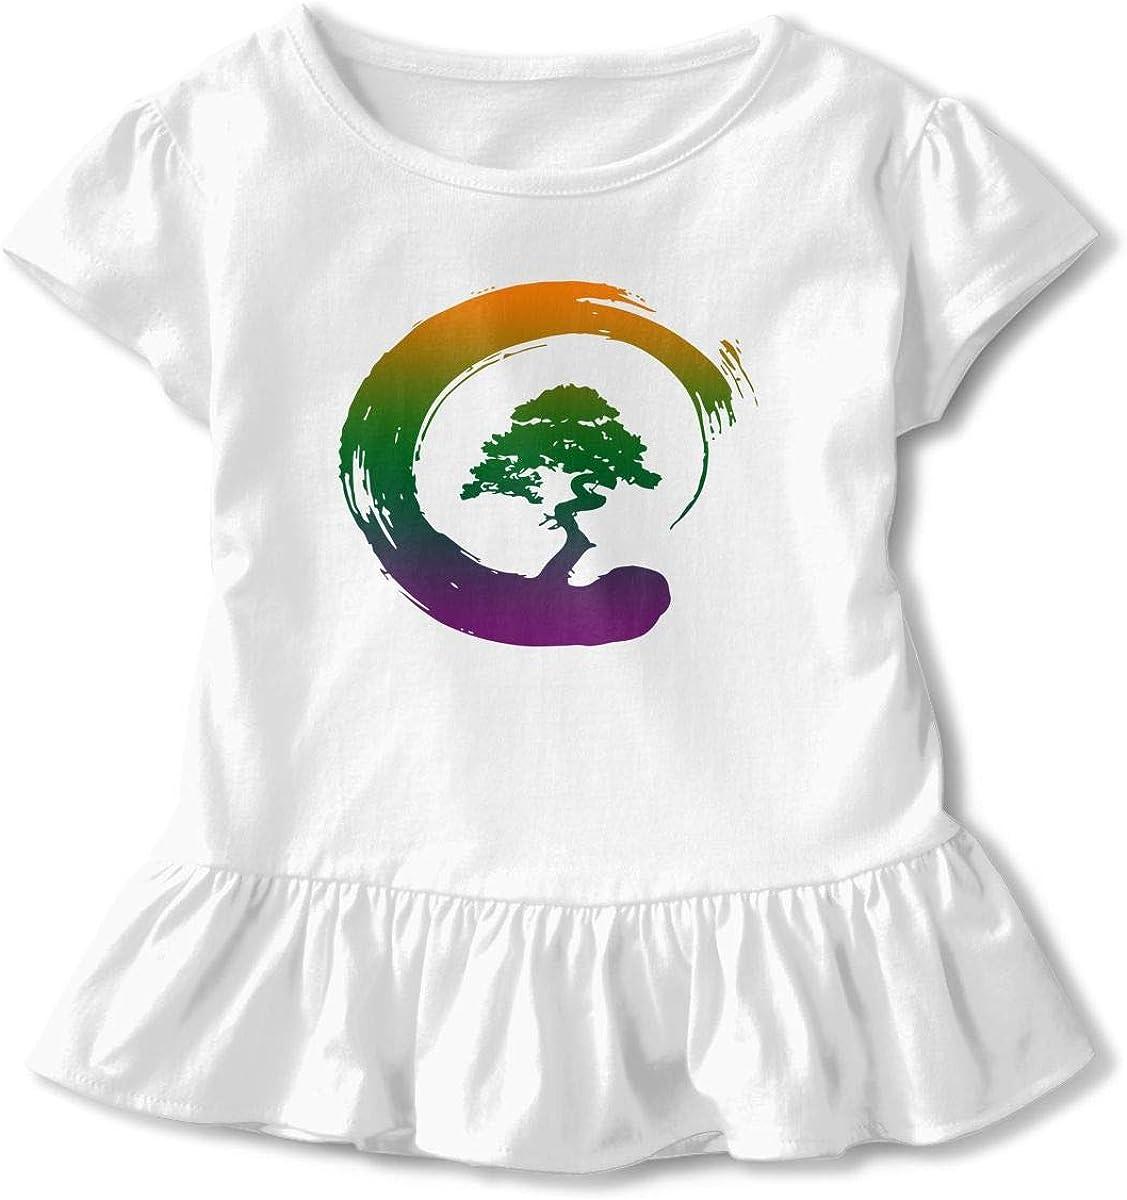 Cheng Jian Bo Funny Bonsai Tree Japanese Toddler Girls T Shirt Kids Cotton Short Sleeve Ruffle Tee